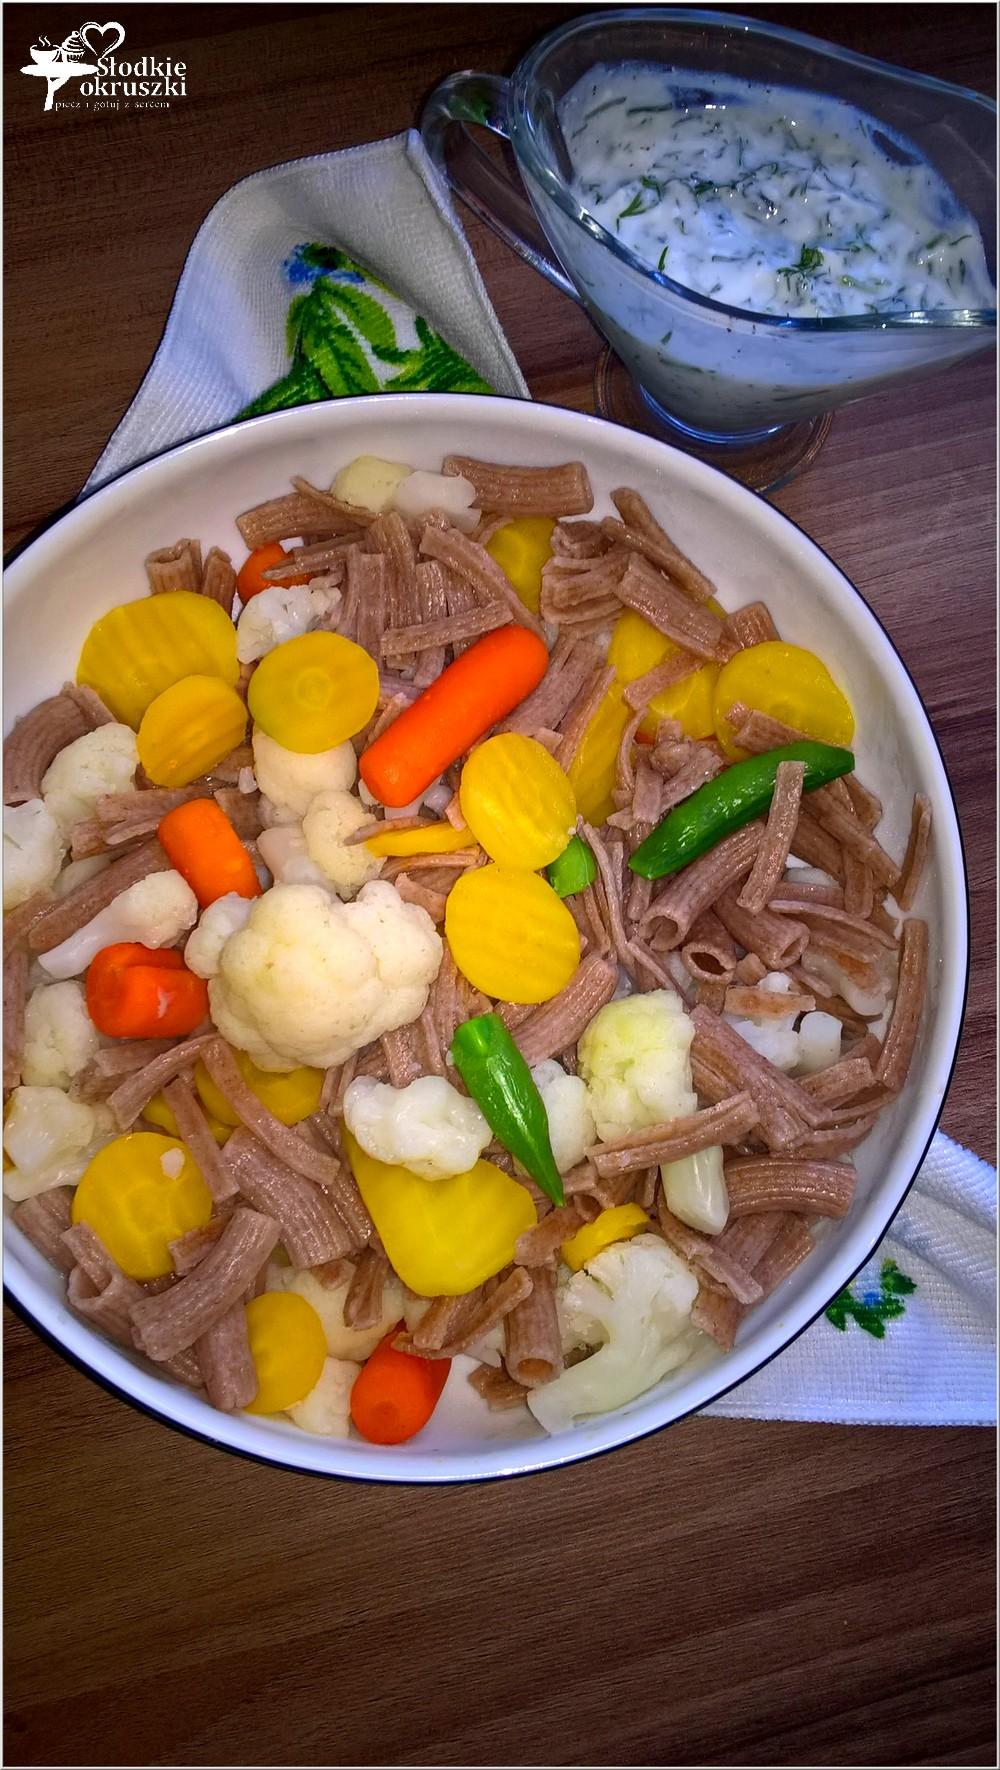 salatka-warzywno-makaronowa-w-lekkim-koperkowym-sosie-3